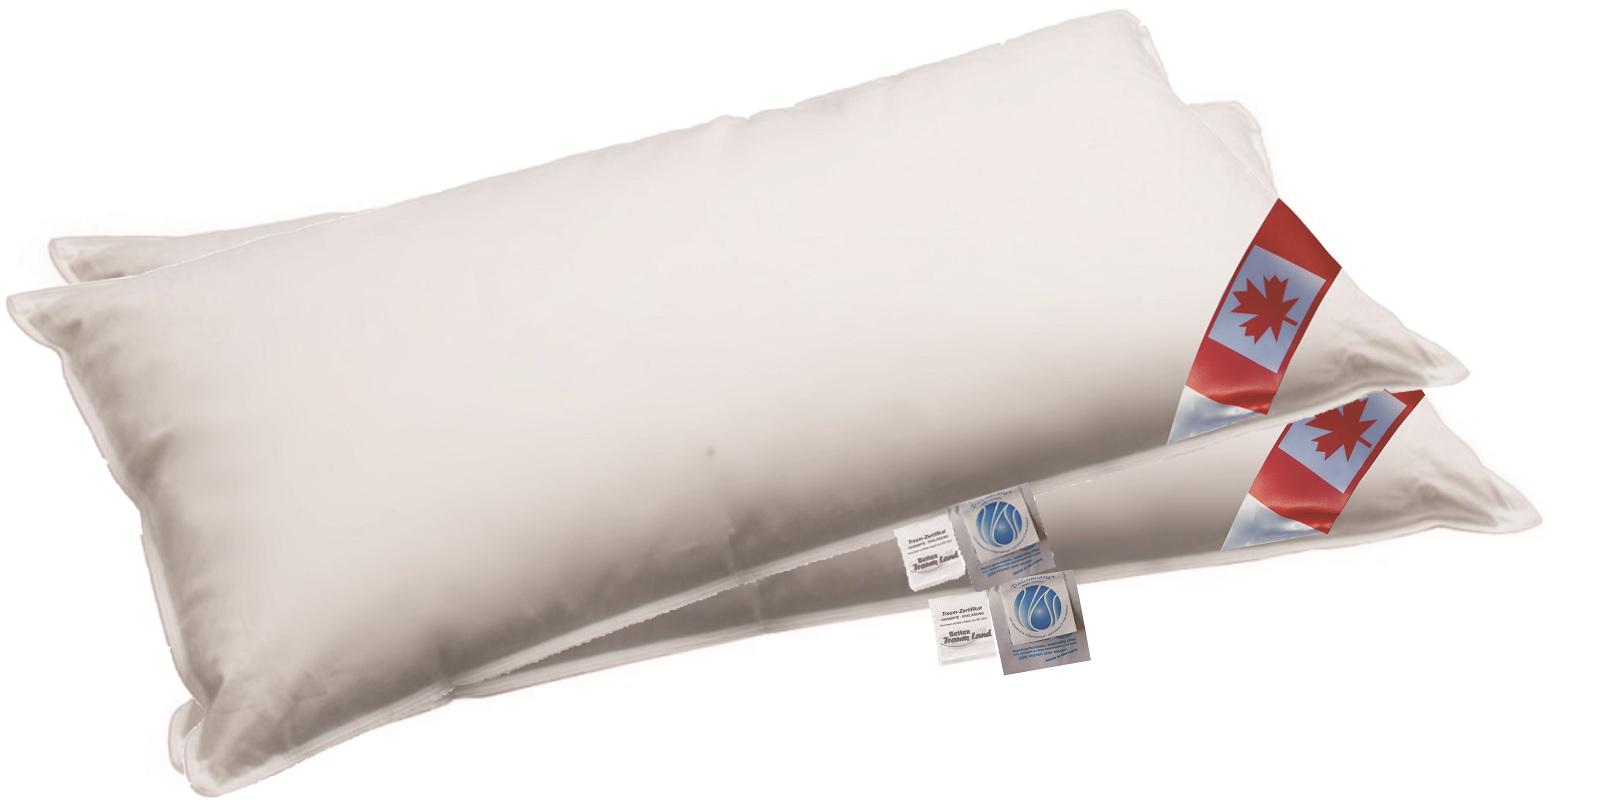 2 x Premium Air Cell 3-Kammer Kissen 475 g außen 100% Daune 40x80 cm